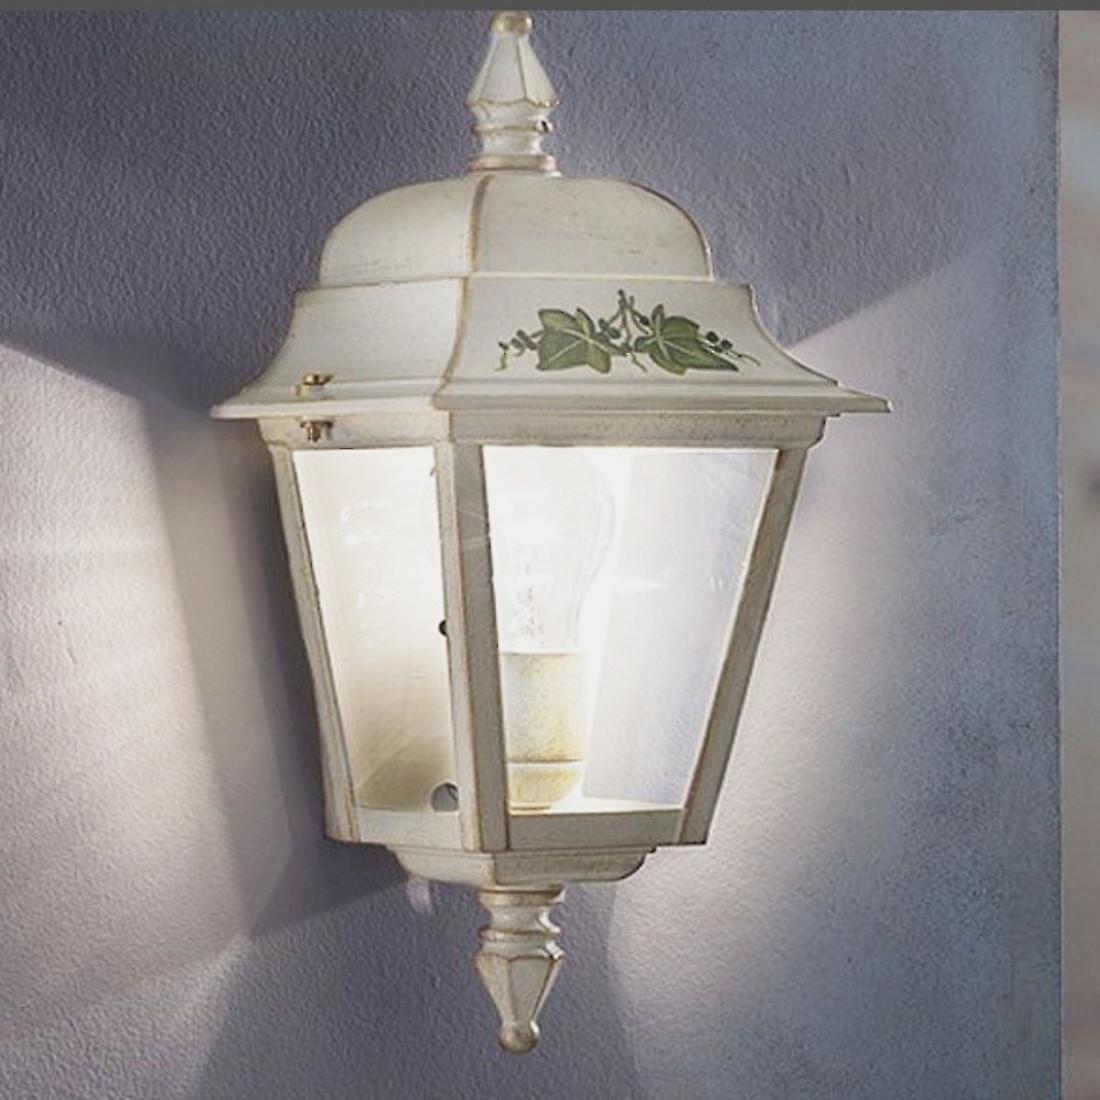 Roma i301 ga lanterna mezza a parete plafoniera lampada in alluminio per esterno giardino made in italy prodotta da valastro lighting. Lanterna Mod Braccio E27 60w Elena Giardino E Giardinaggio Mustafasklepmiesny Decorazioni Per Il Giardino